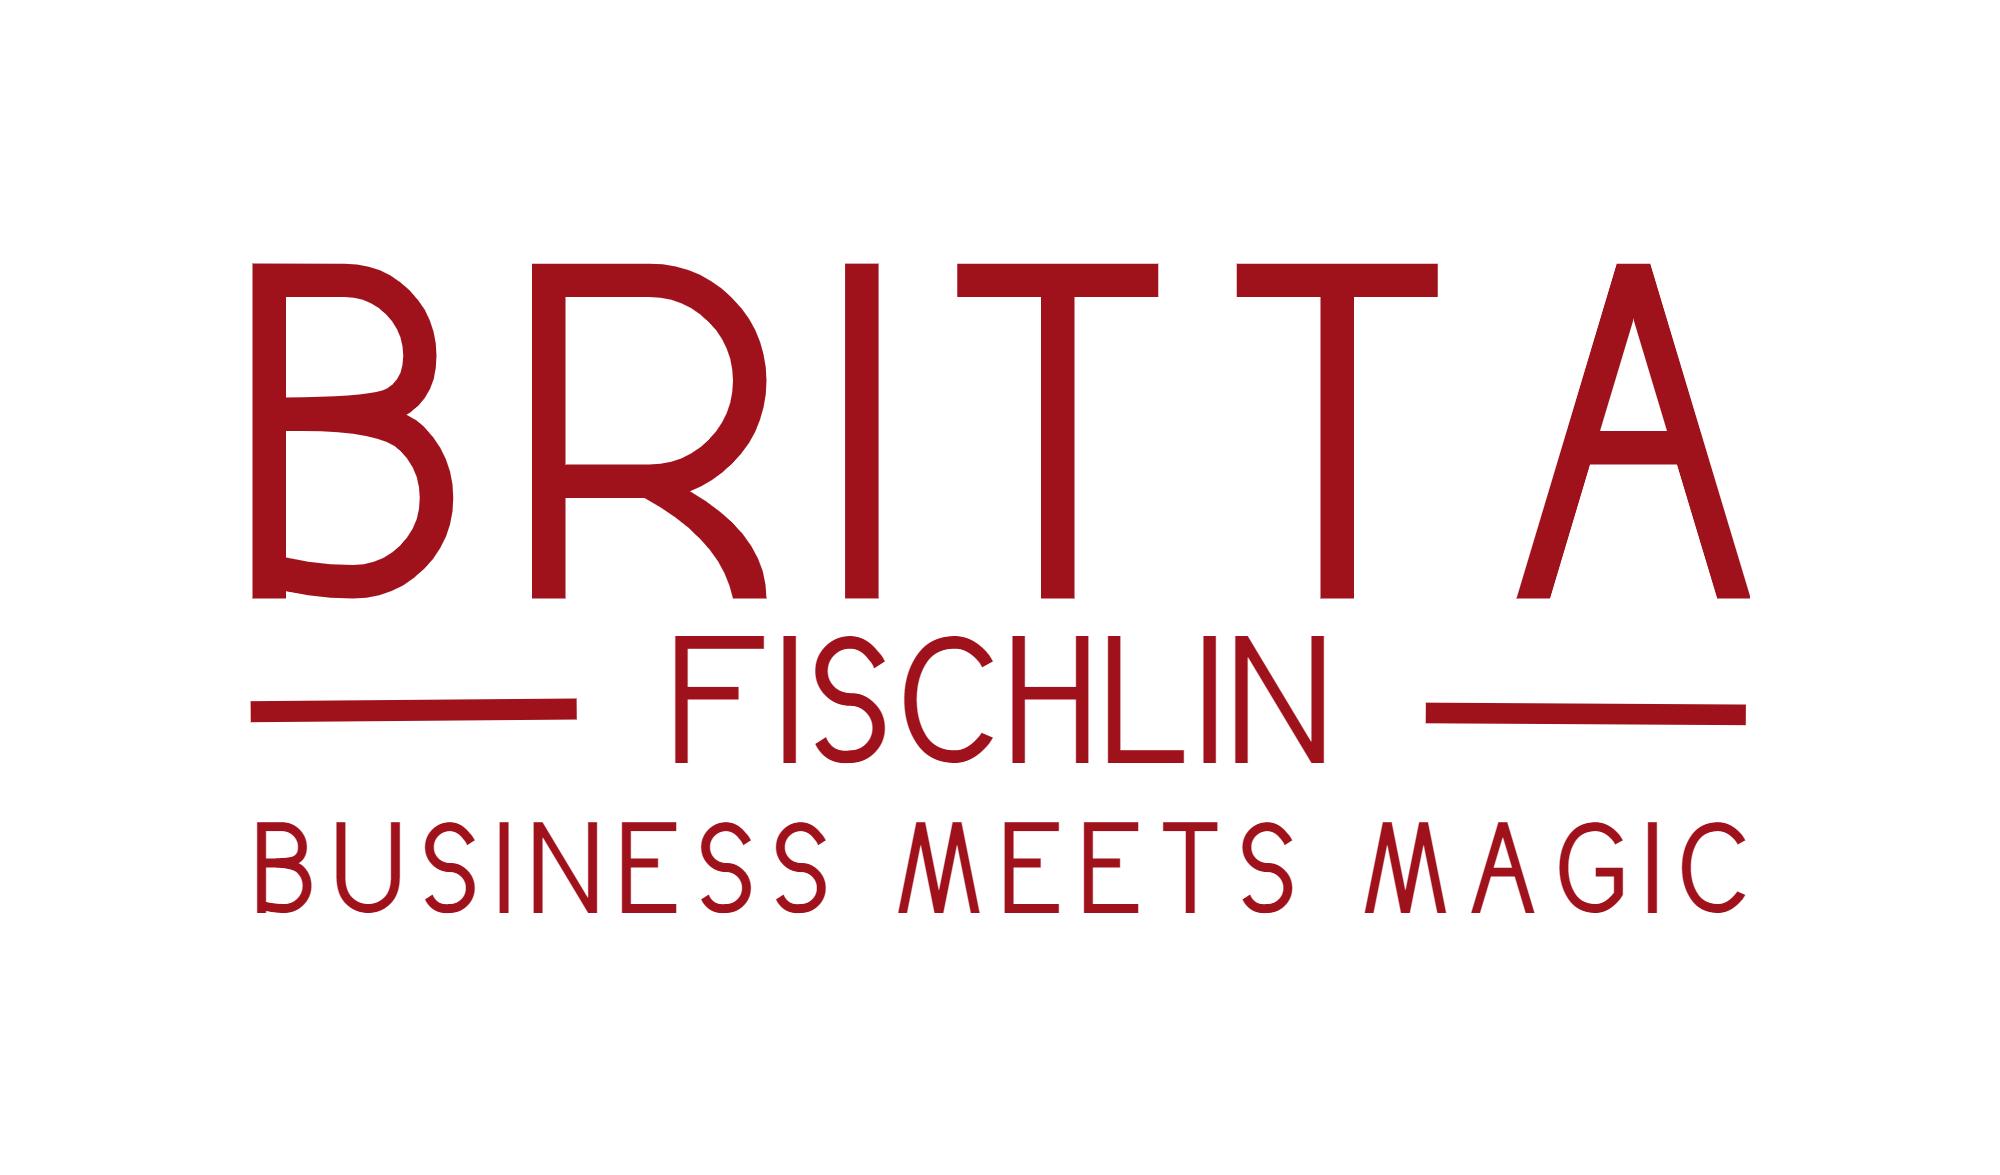 Britta Fischlin